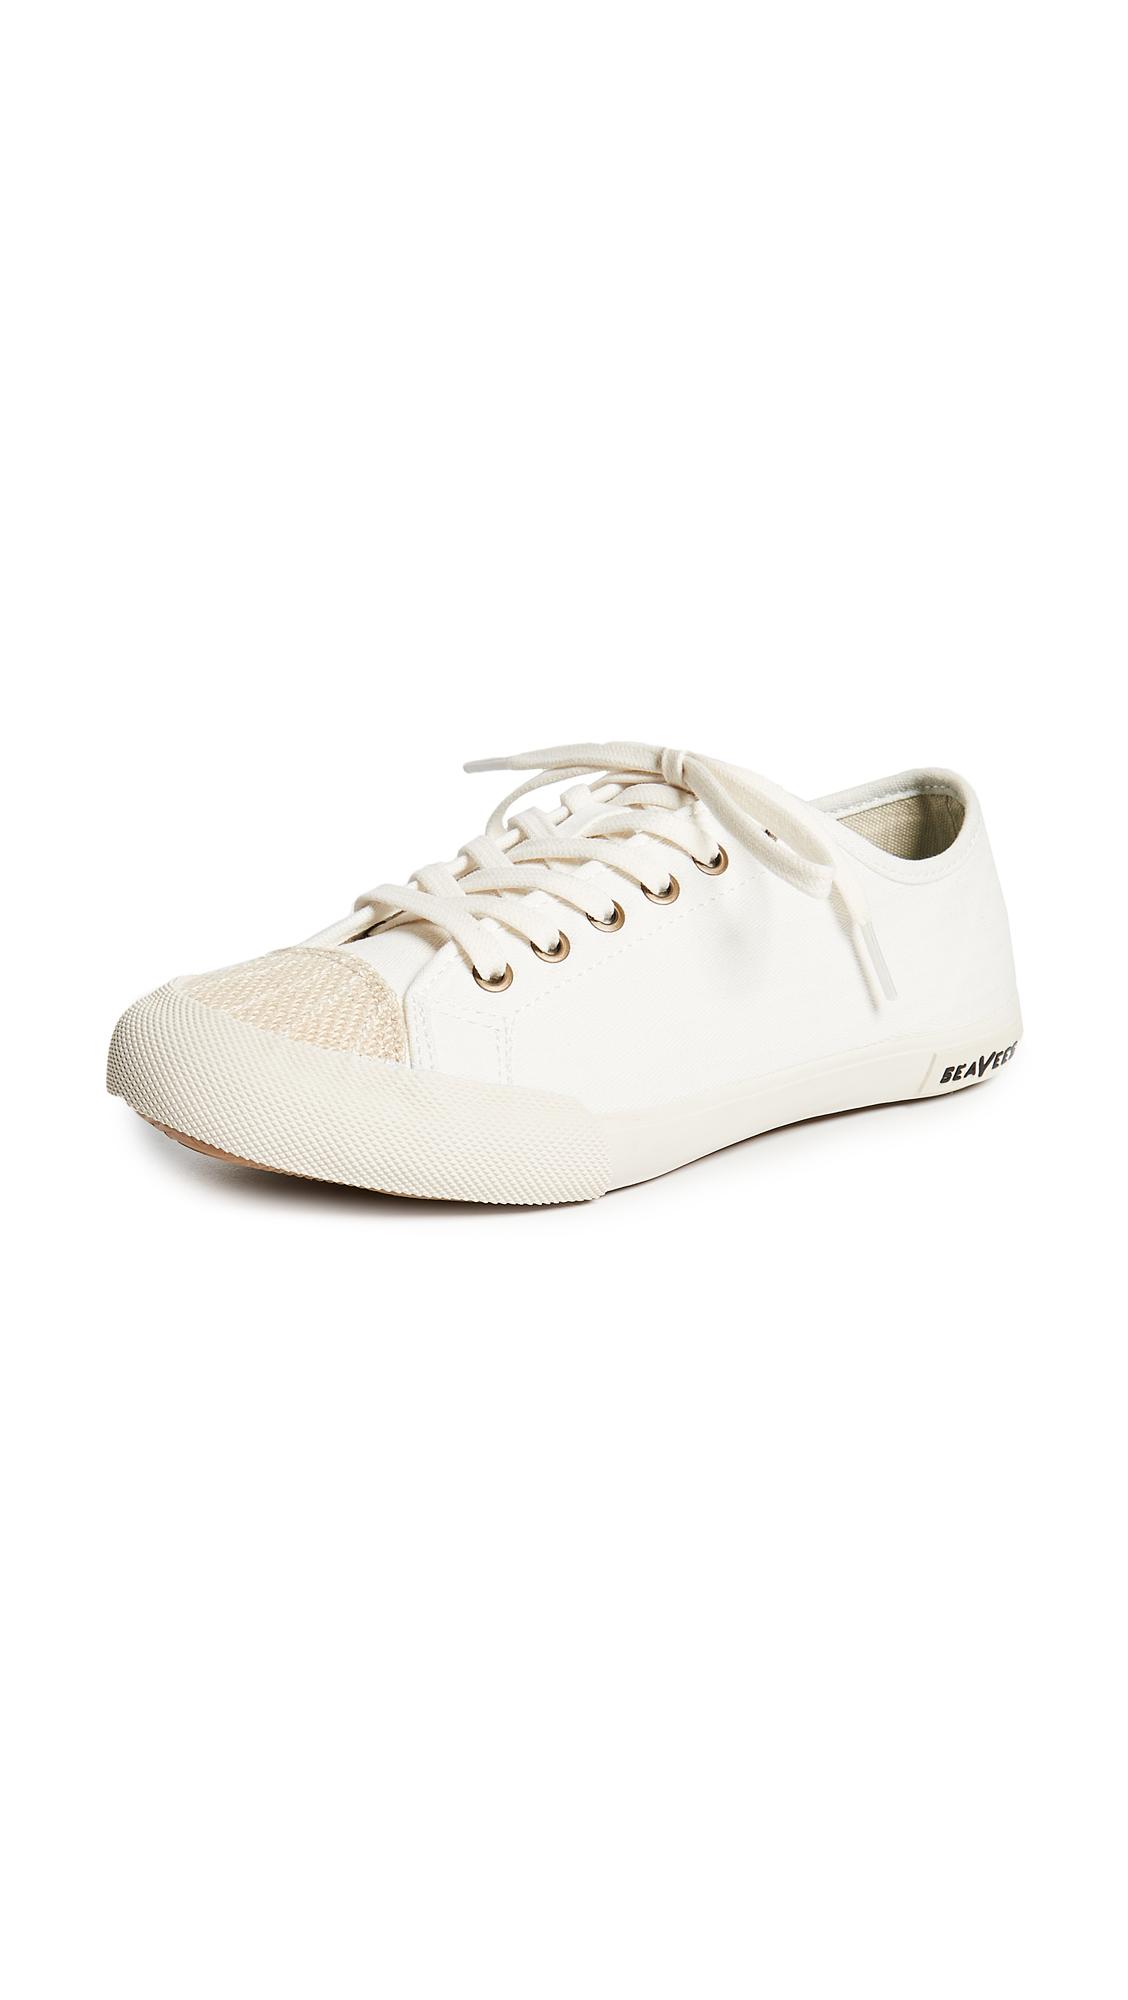 SeaVees Army Low Sneakers - Bleach